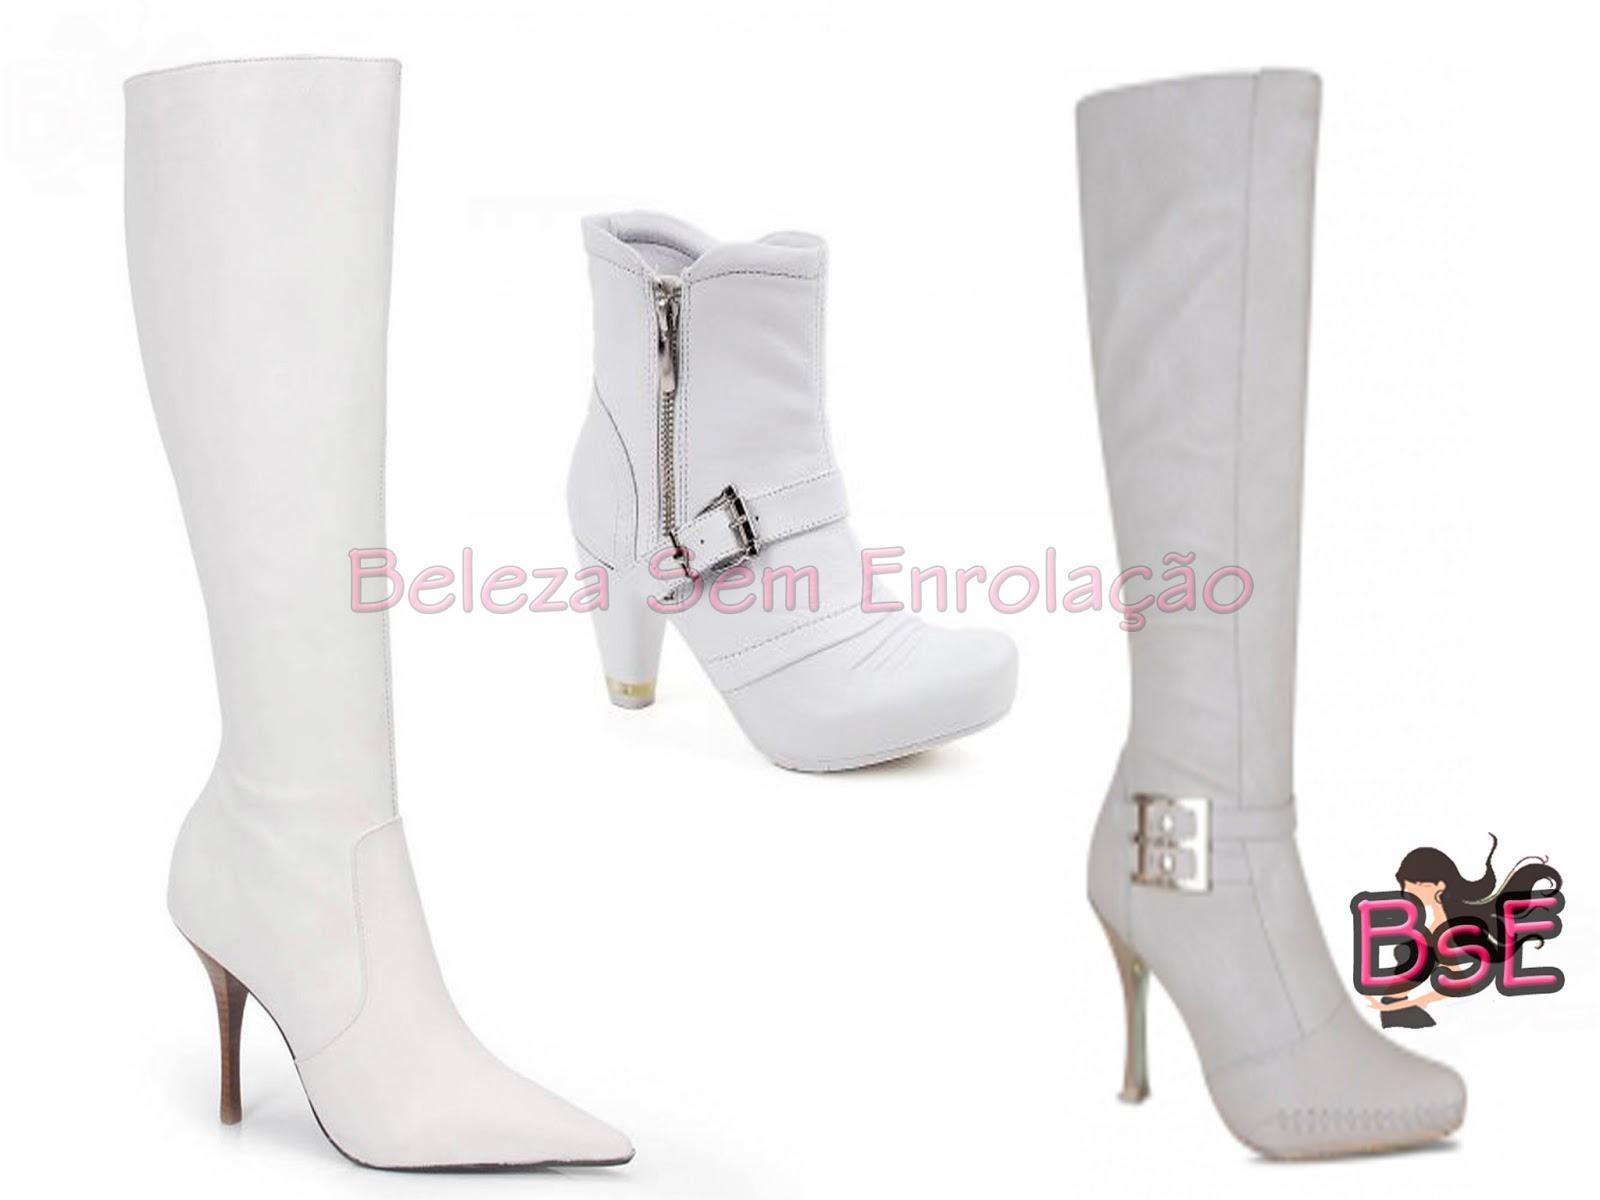 6bab3f953e4 Vocês devem estar se perguntando porque coloquei essa bota branca aqui né   A maioria pode me achar cafona